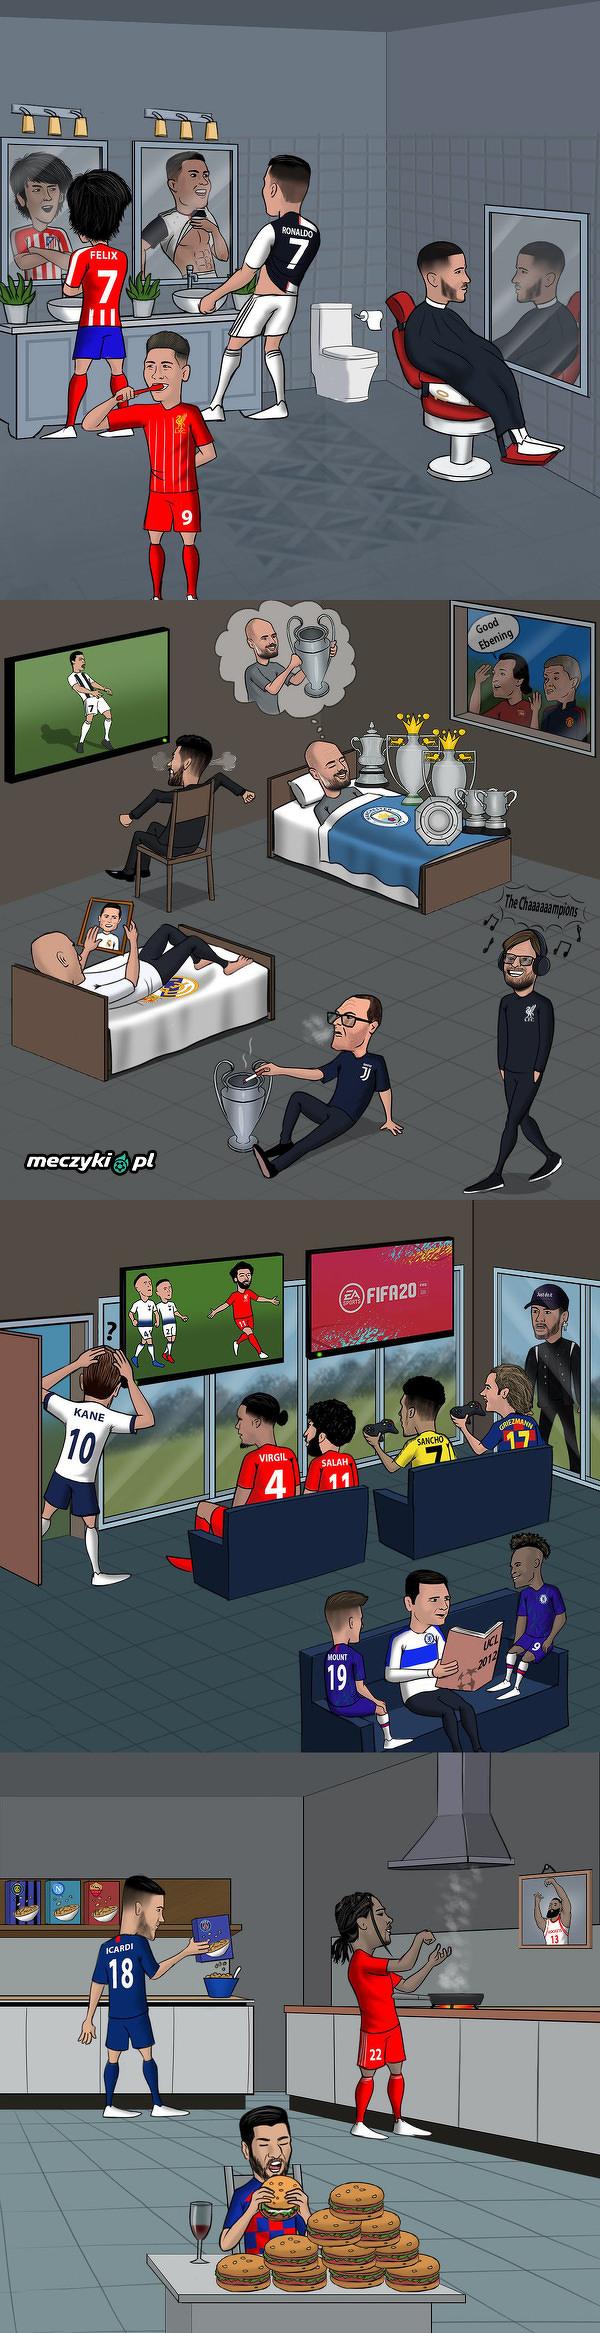 Ostatnie chwile przed startem Ligi Mistrzów